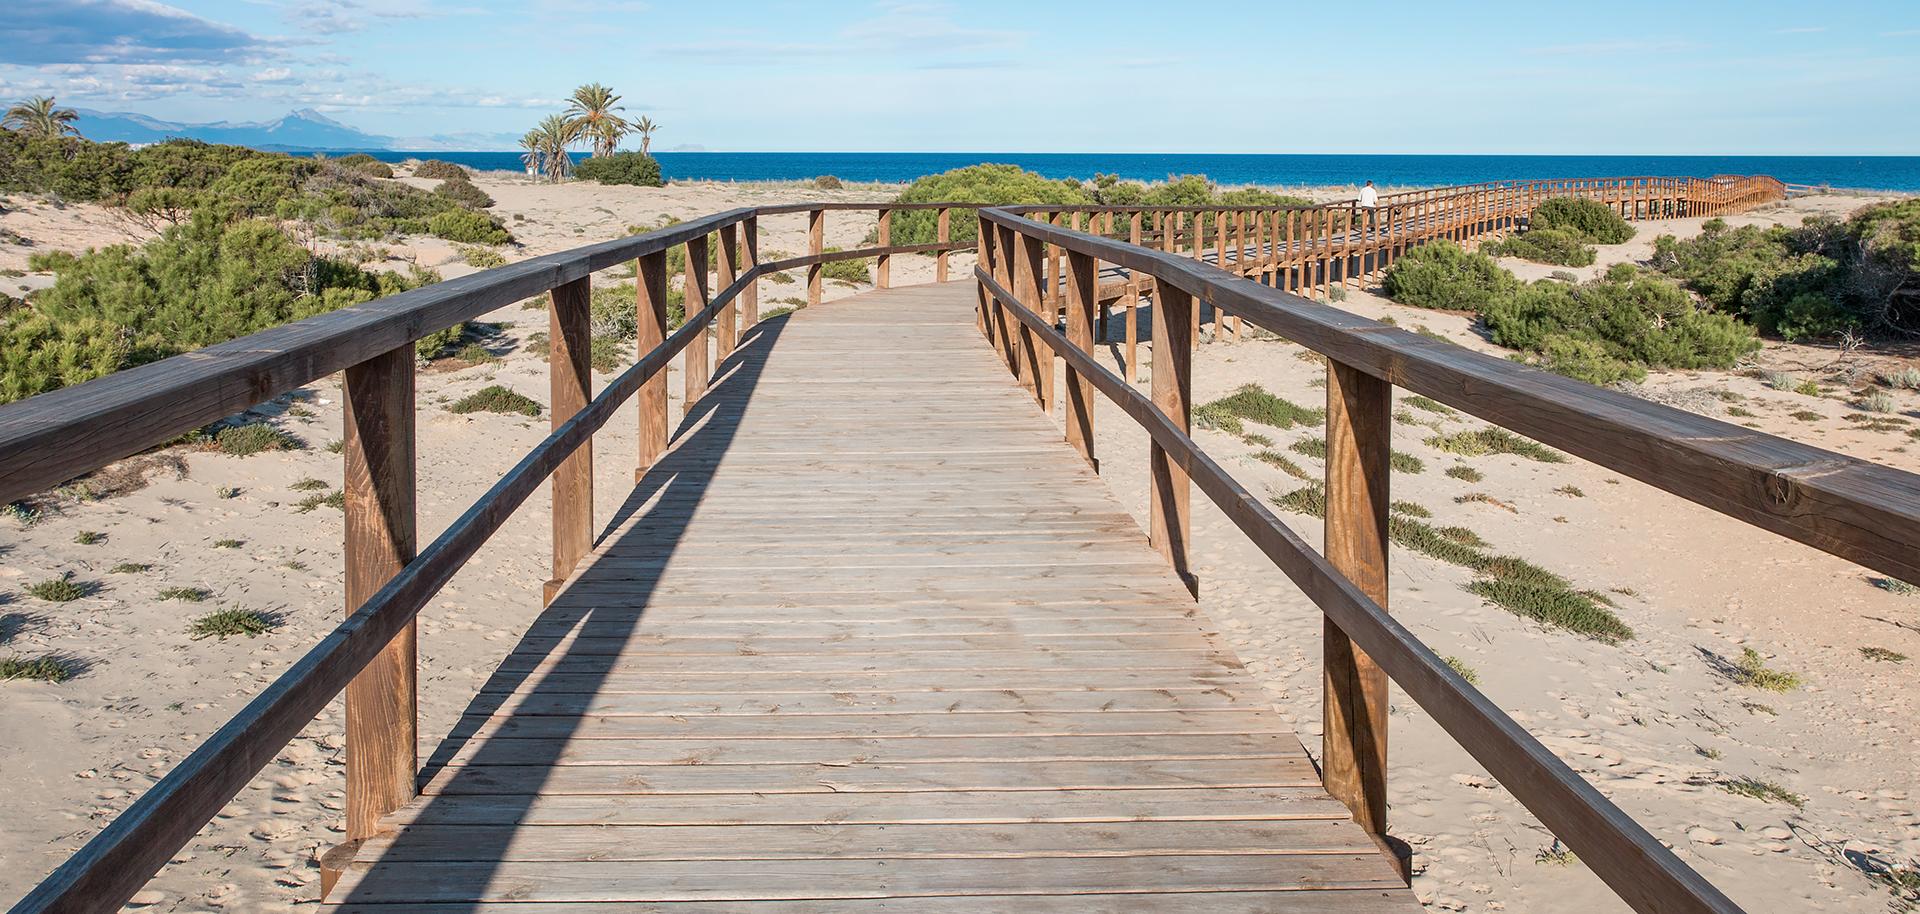 Drewniany pomost-zejście na plażę.